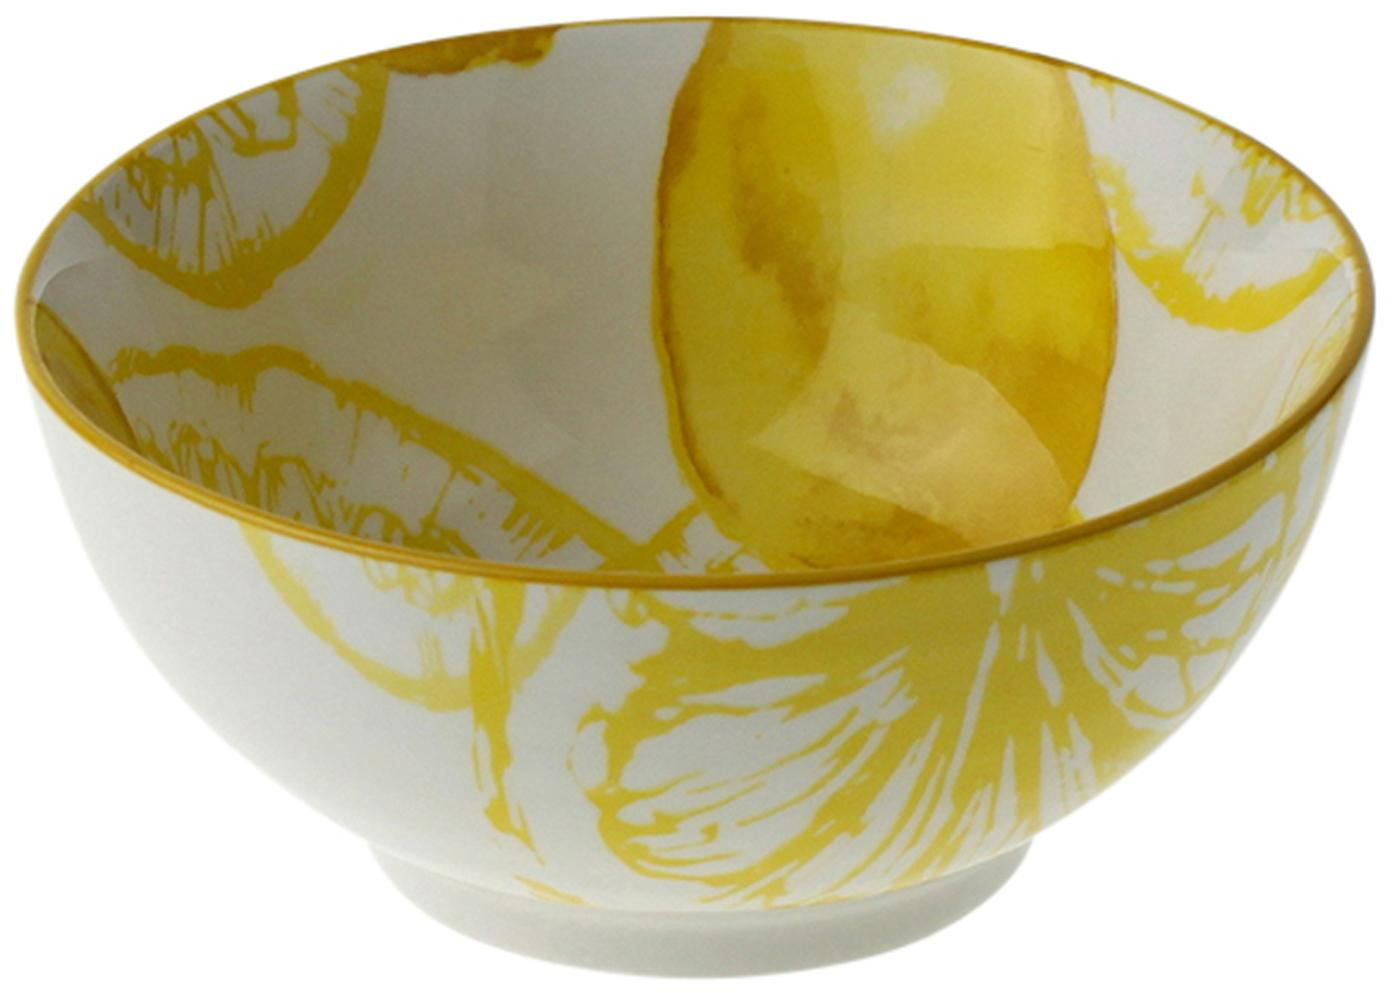 Schälchen Lemon mit Zitronen-Motiv, Porzellan, Weiß, Gelb, Ø 14 x H 7 cm